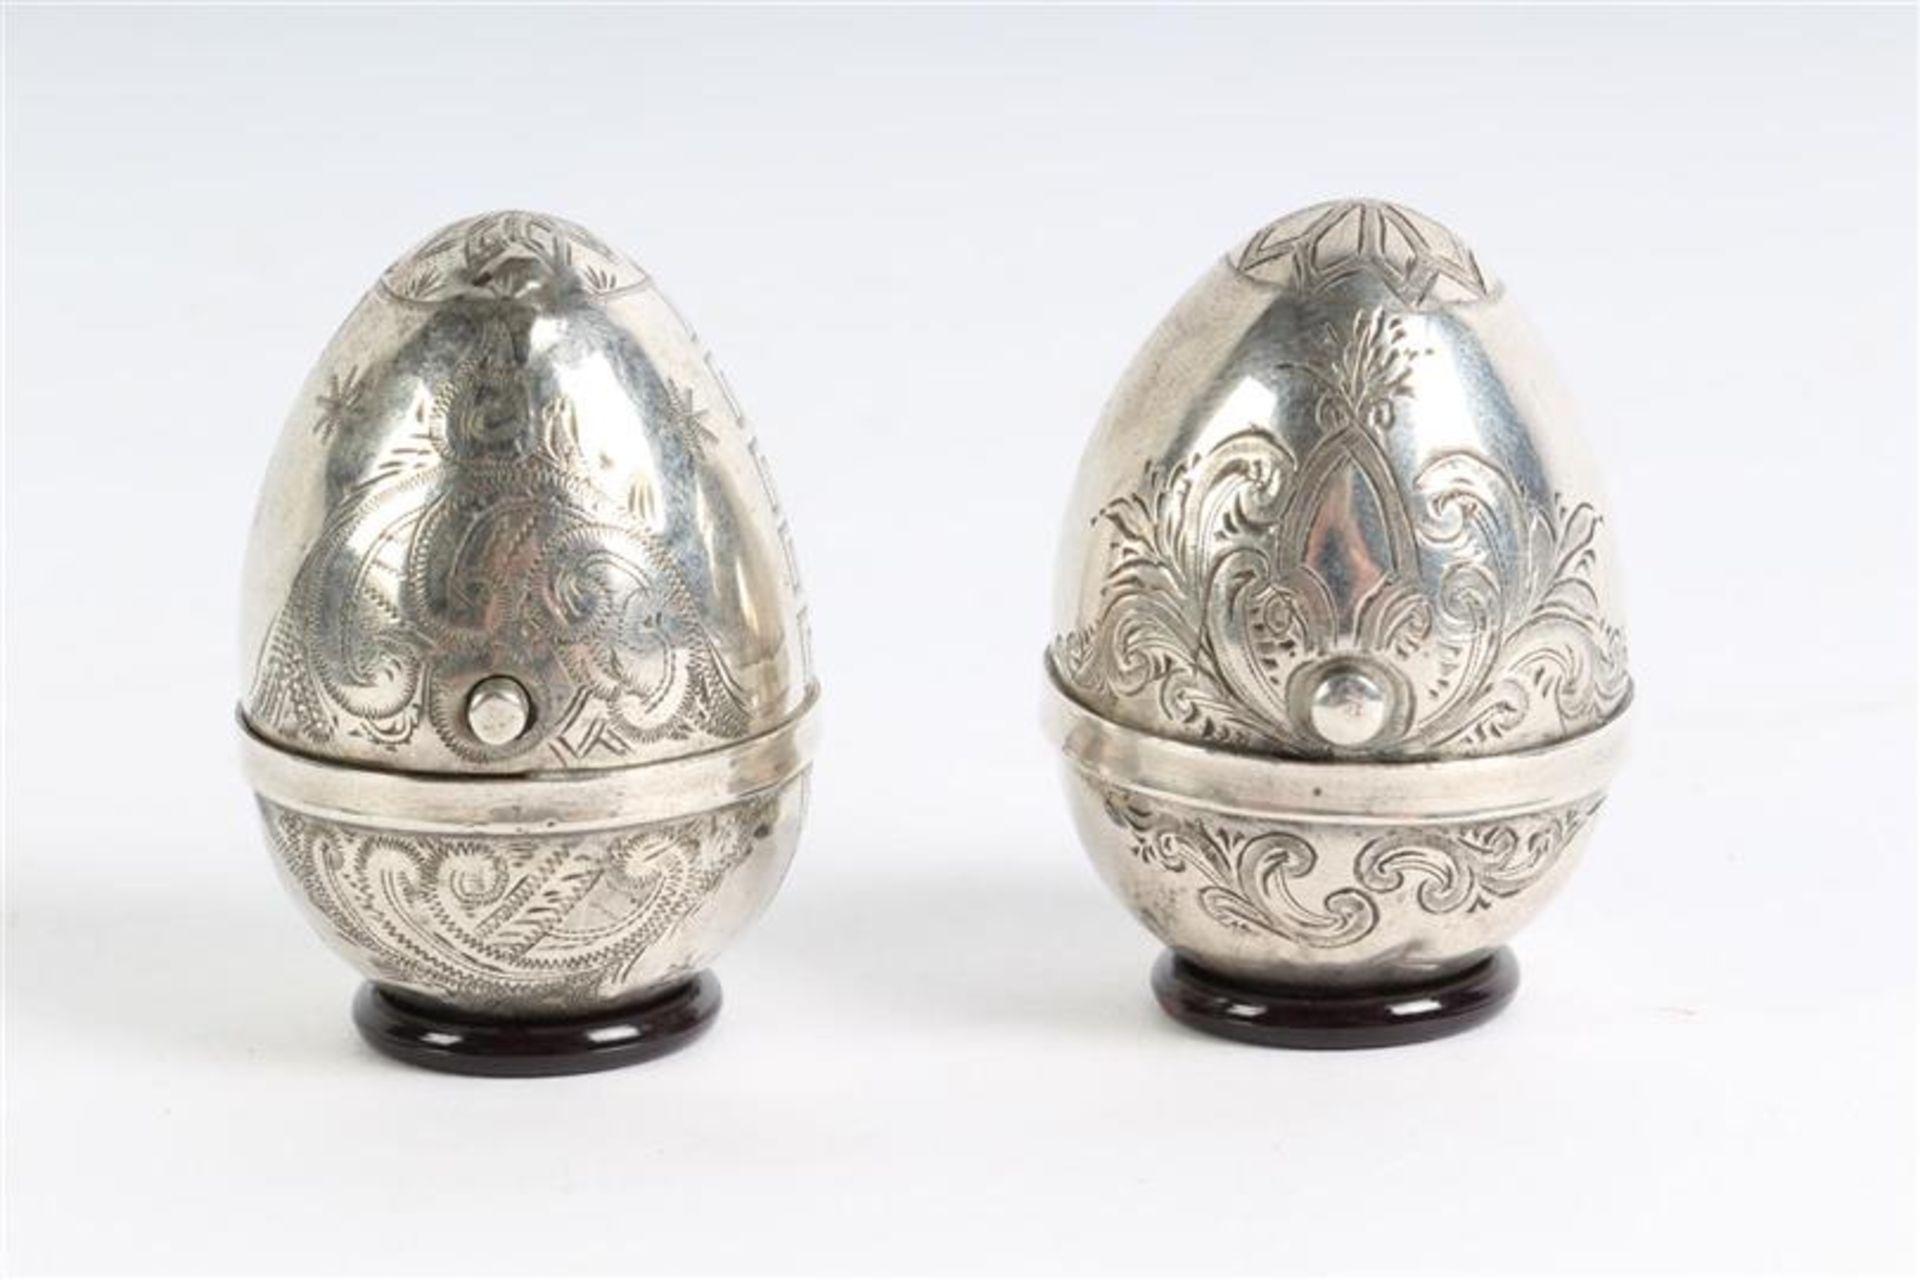 Twee eiervormige zilveren doosjes. H: 4.7 cm.